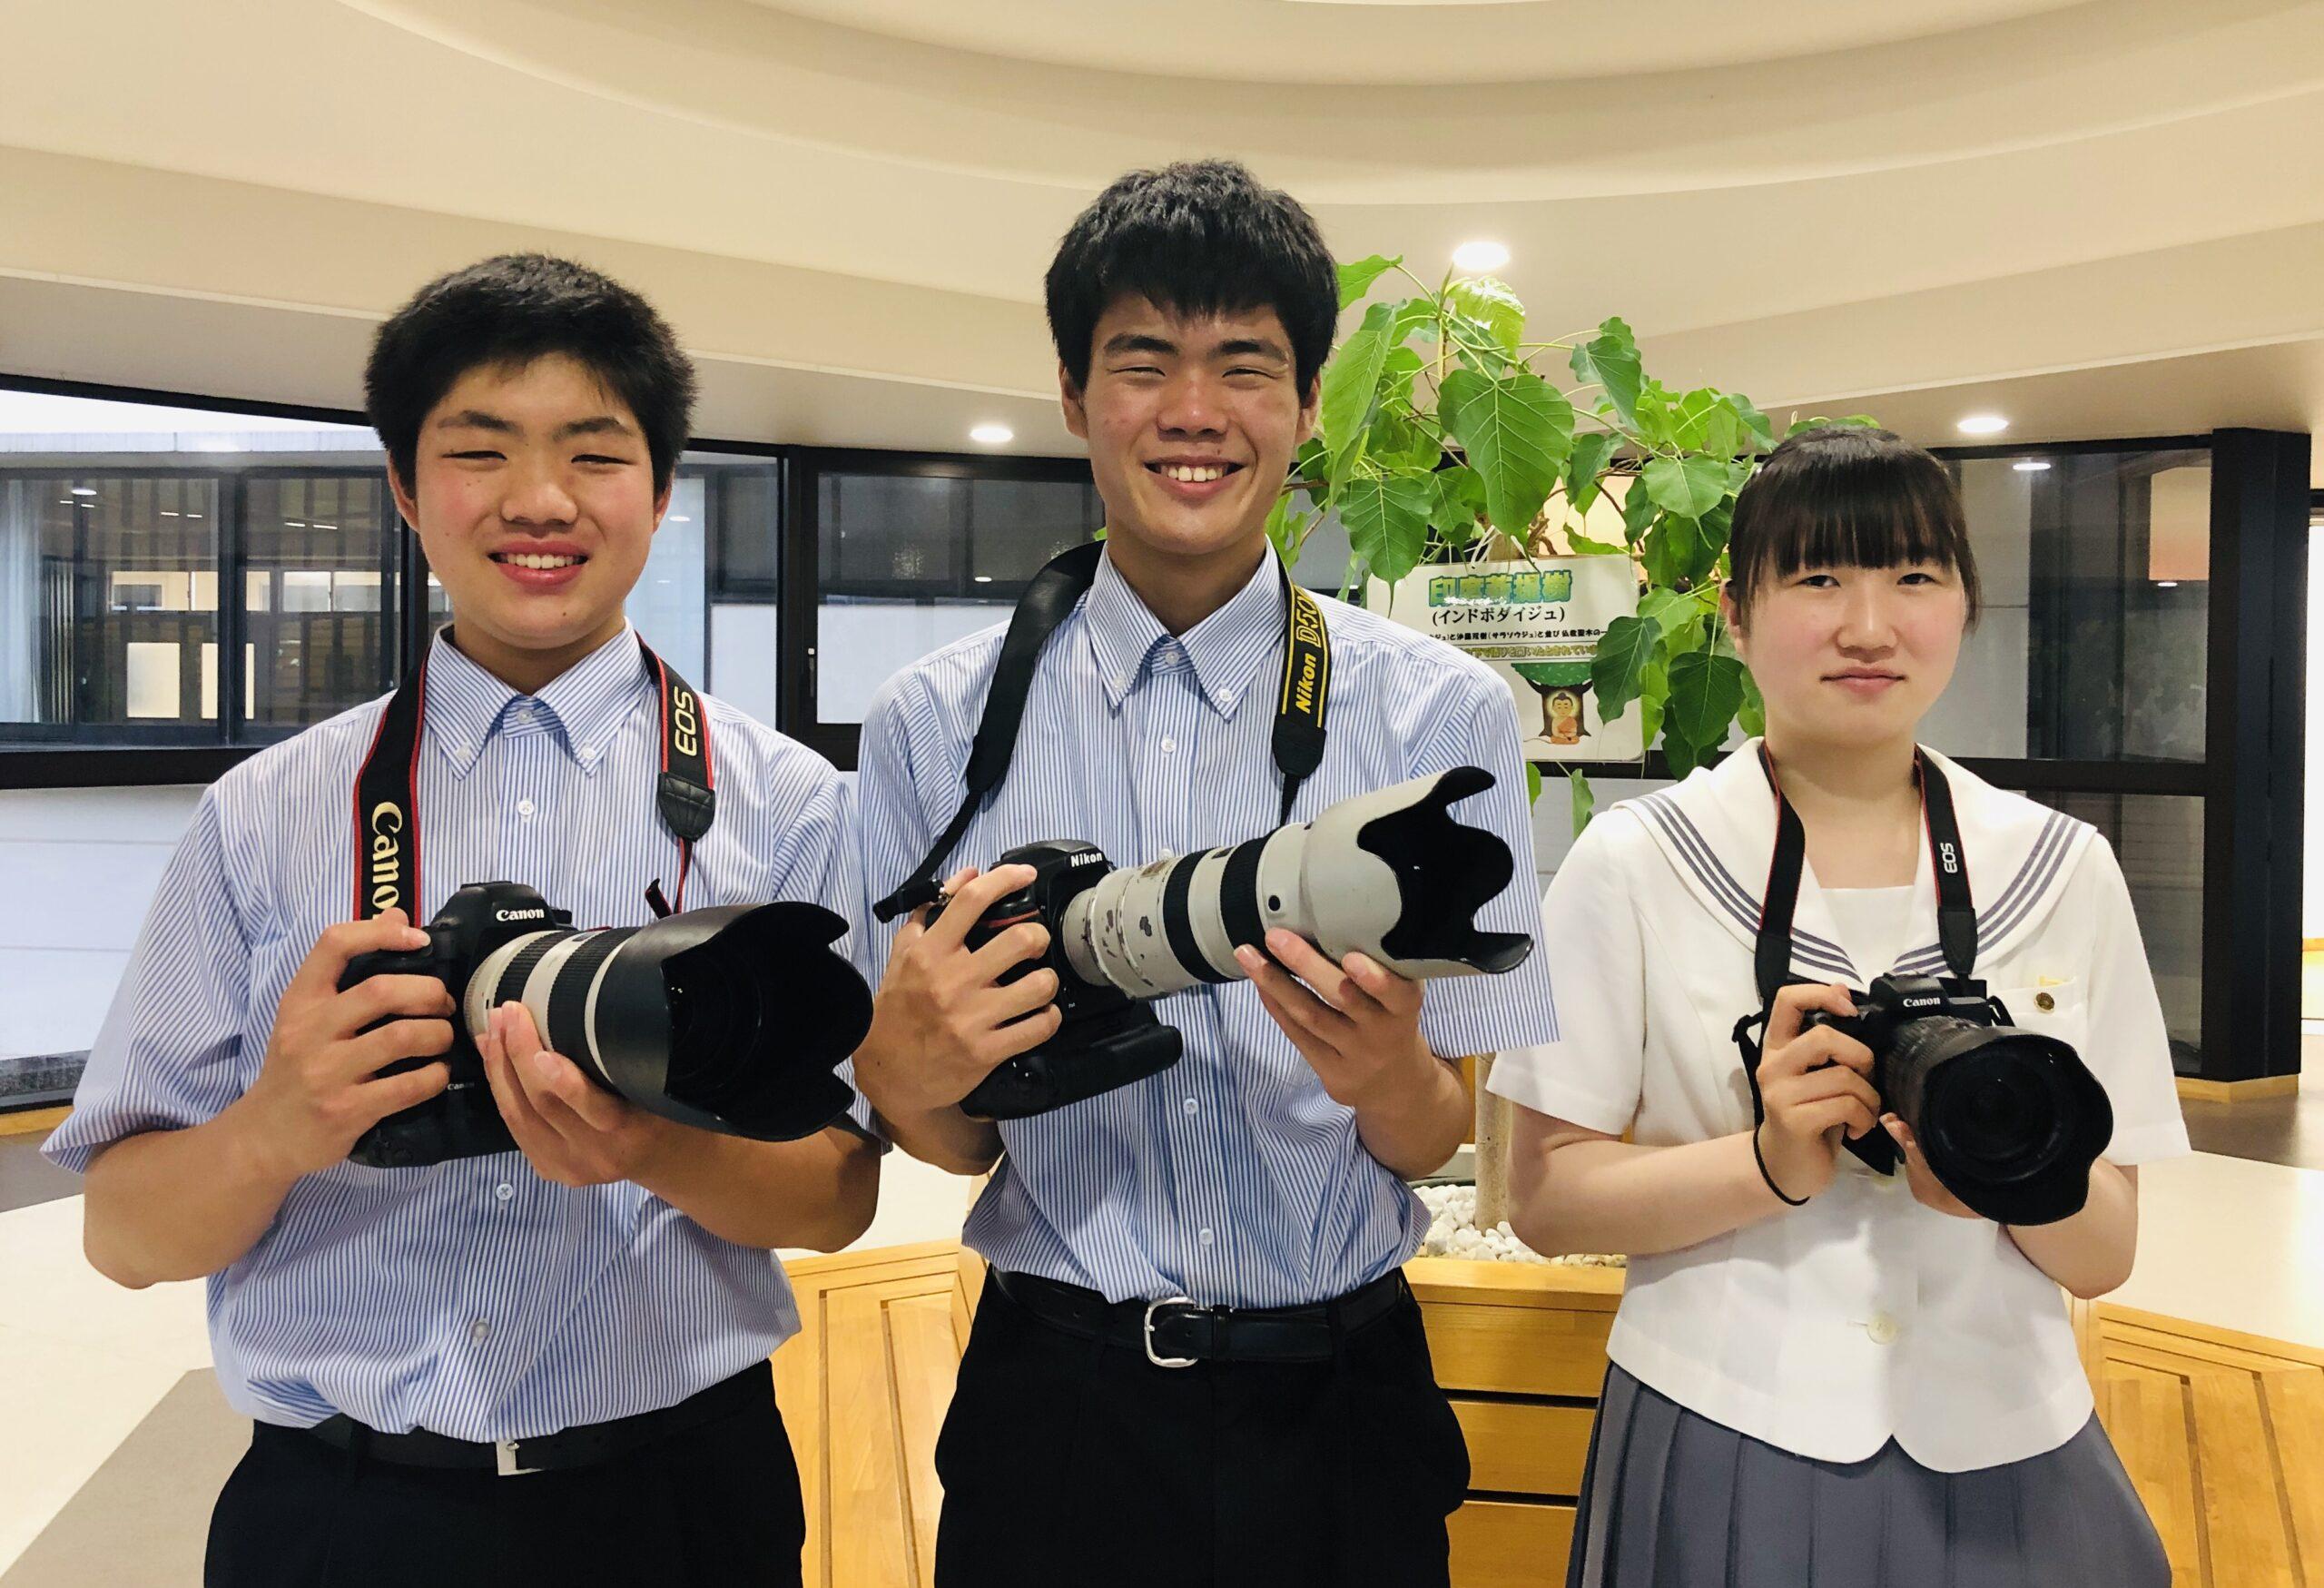 写真部 「写真甲子園2021」本戦審査会出場決定